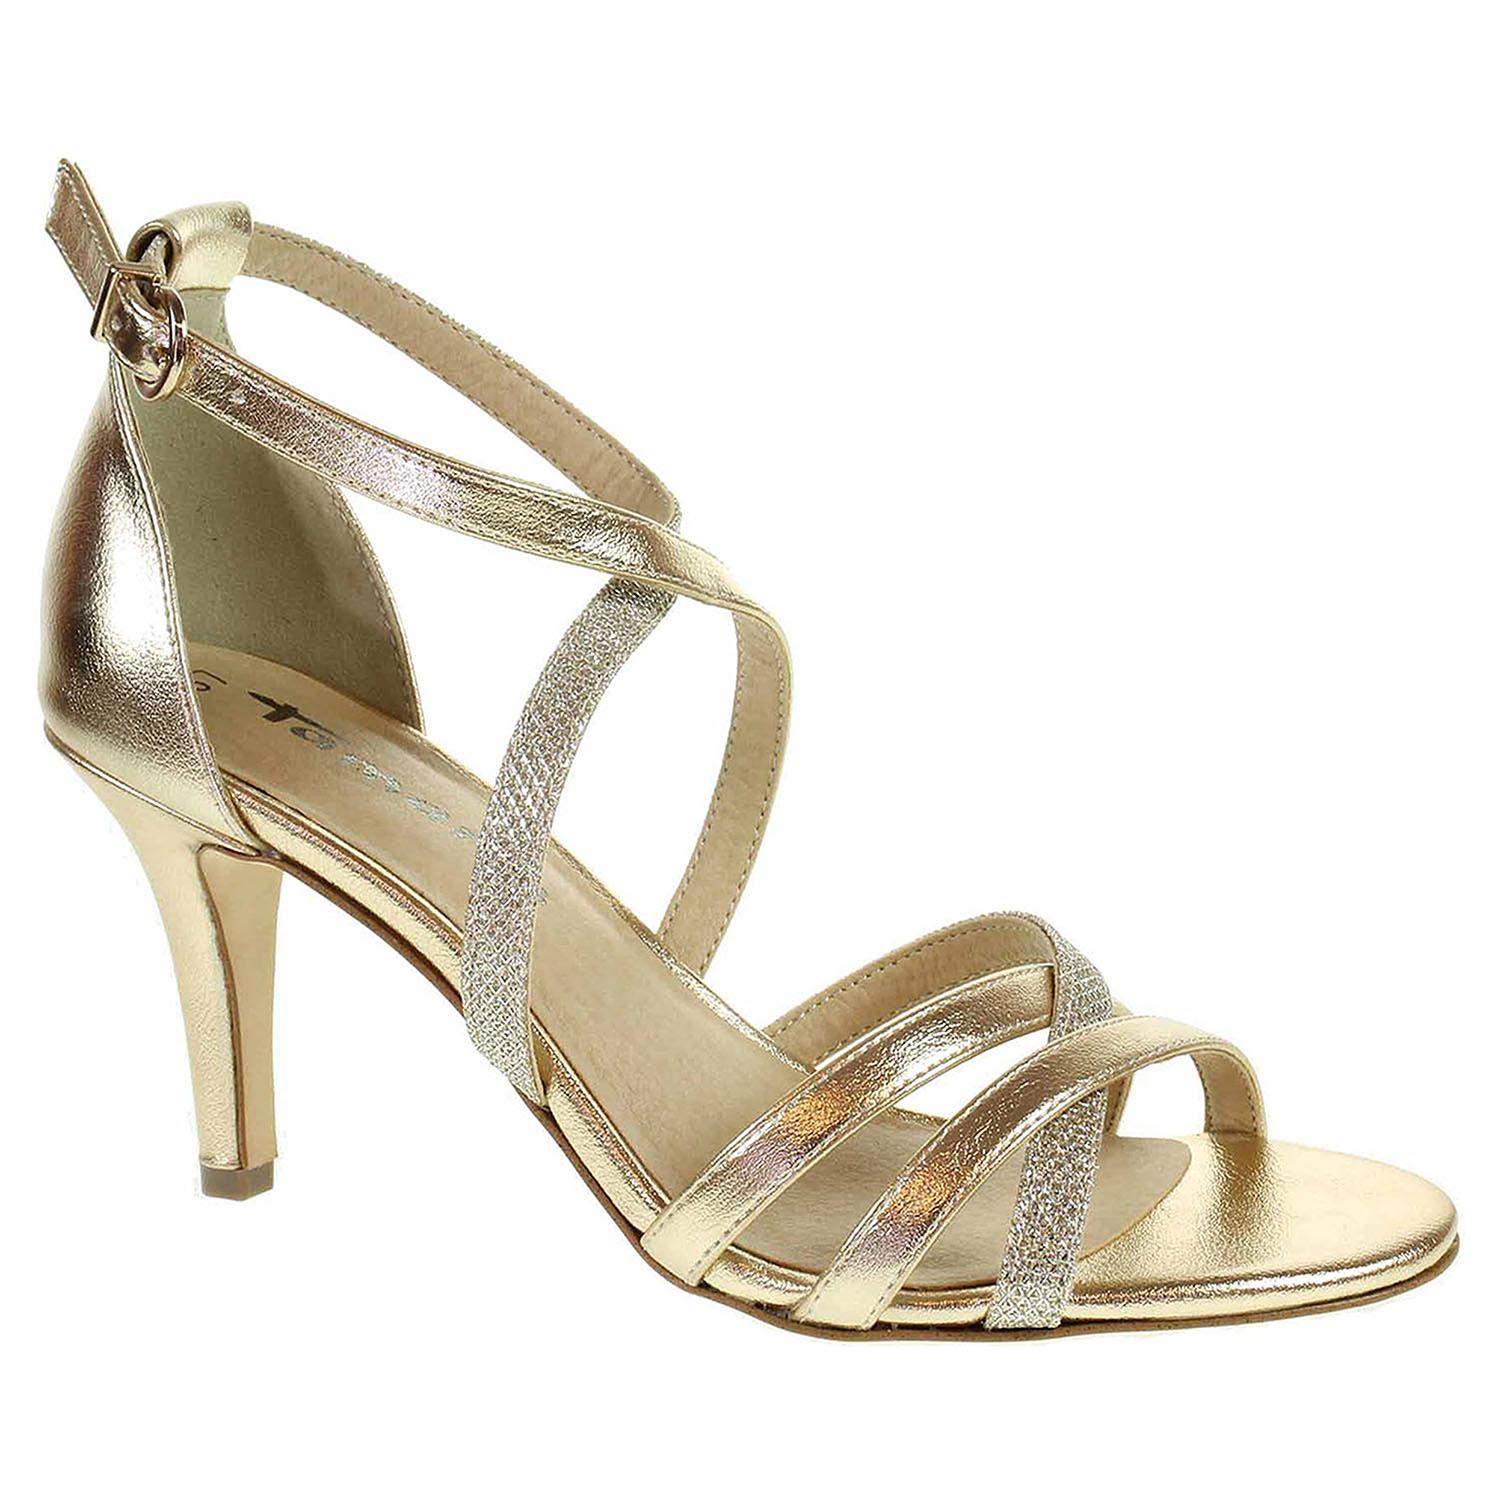 381725a75cf75 Dámska spoločenské topánky Tamaris 1-28302-31 gold comb | REJNOK obuv